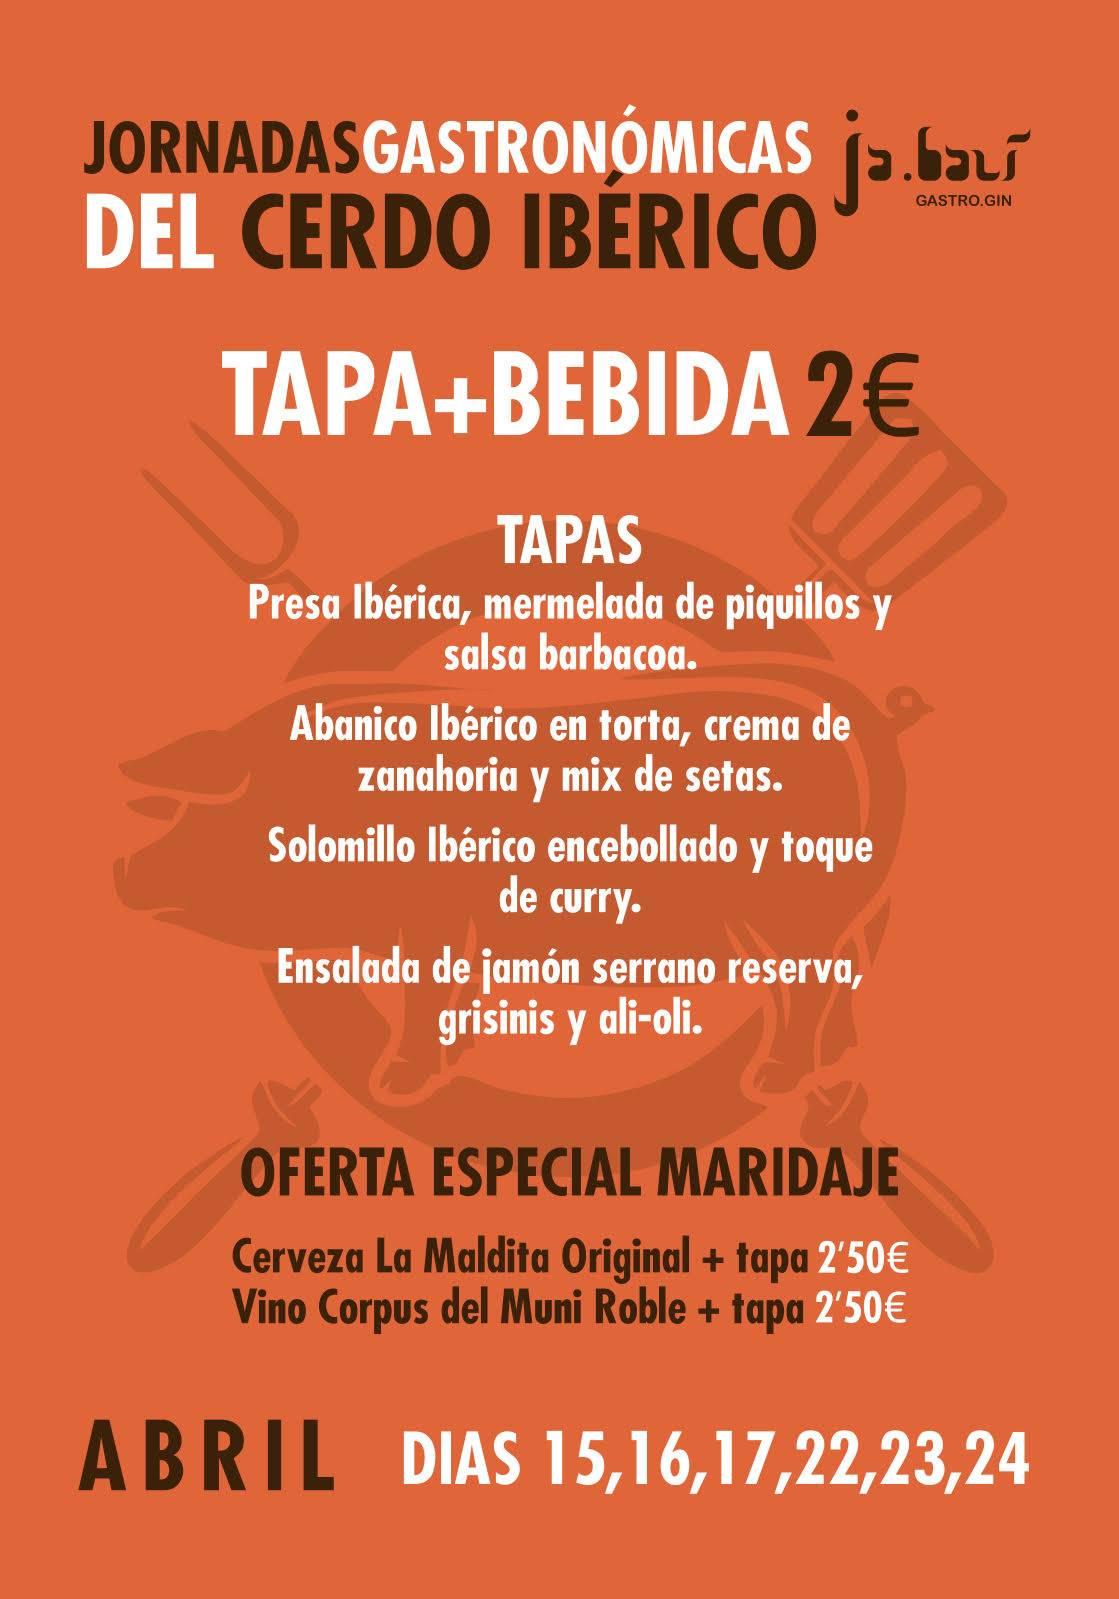 carta de las jornadas gastronomicas del cerdo iberico